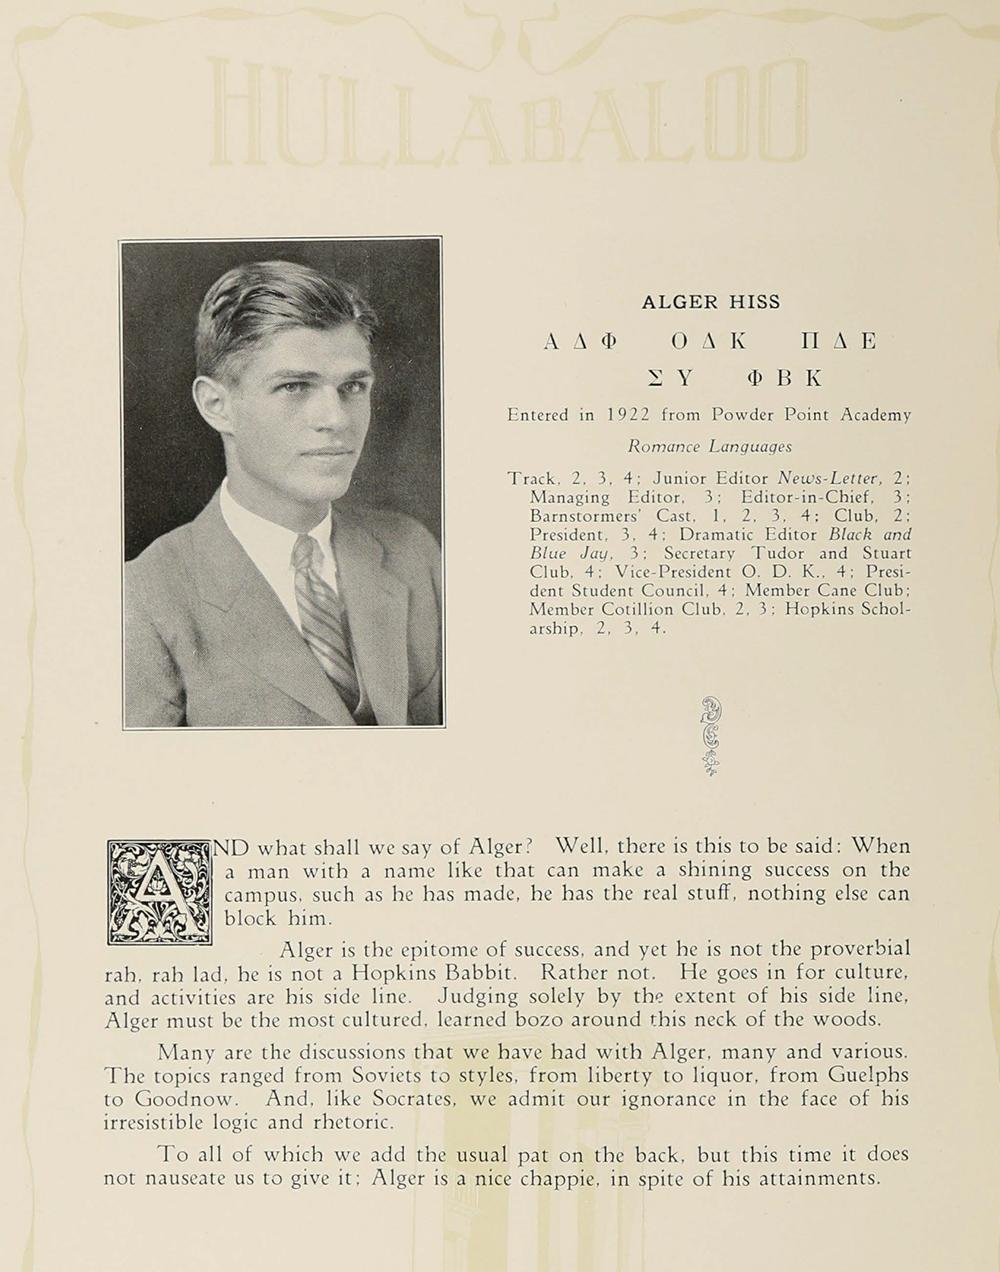 The Johns Hopkins Hullabaloo, 1926. Ferdinand Hamburger Archives, Sheridan Libraries, Johns Hopkins University.